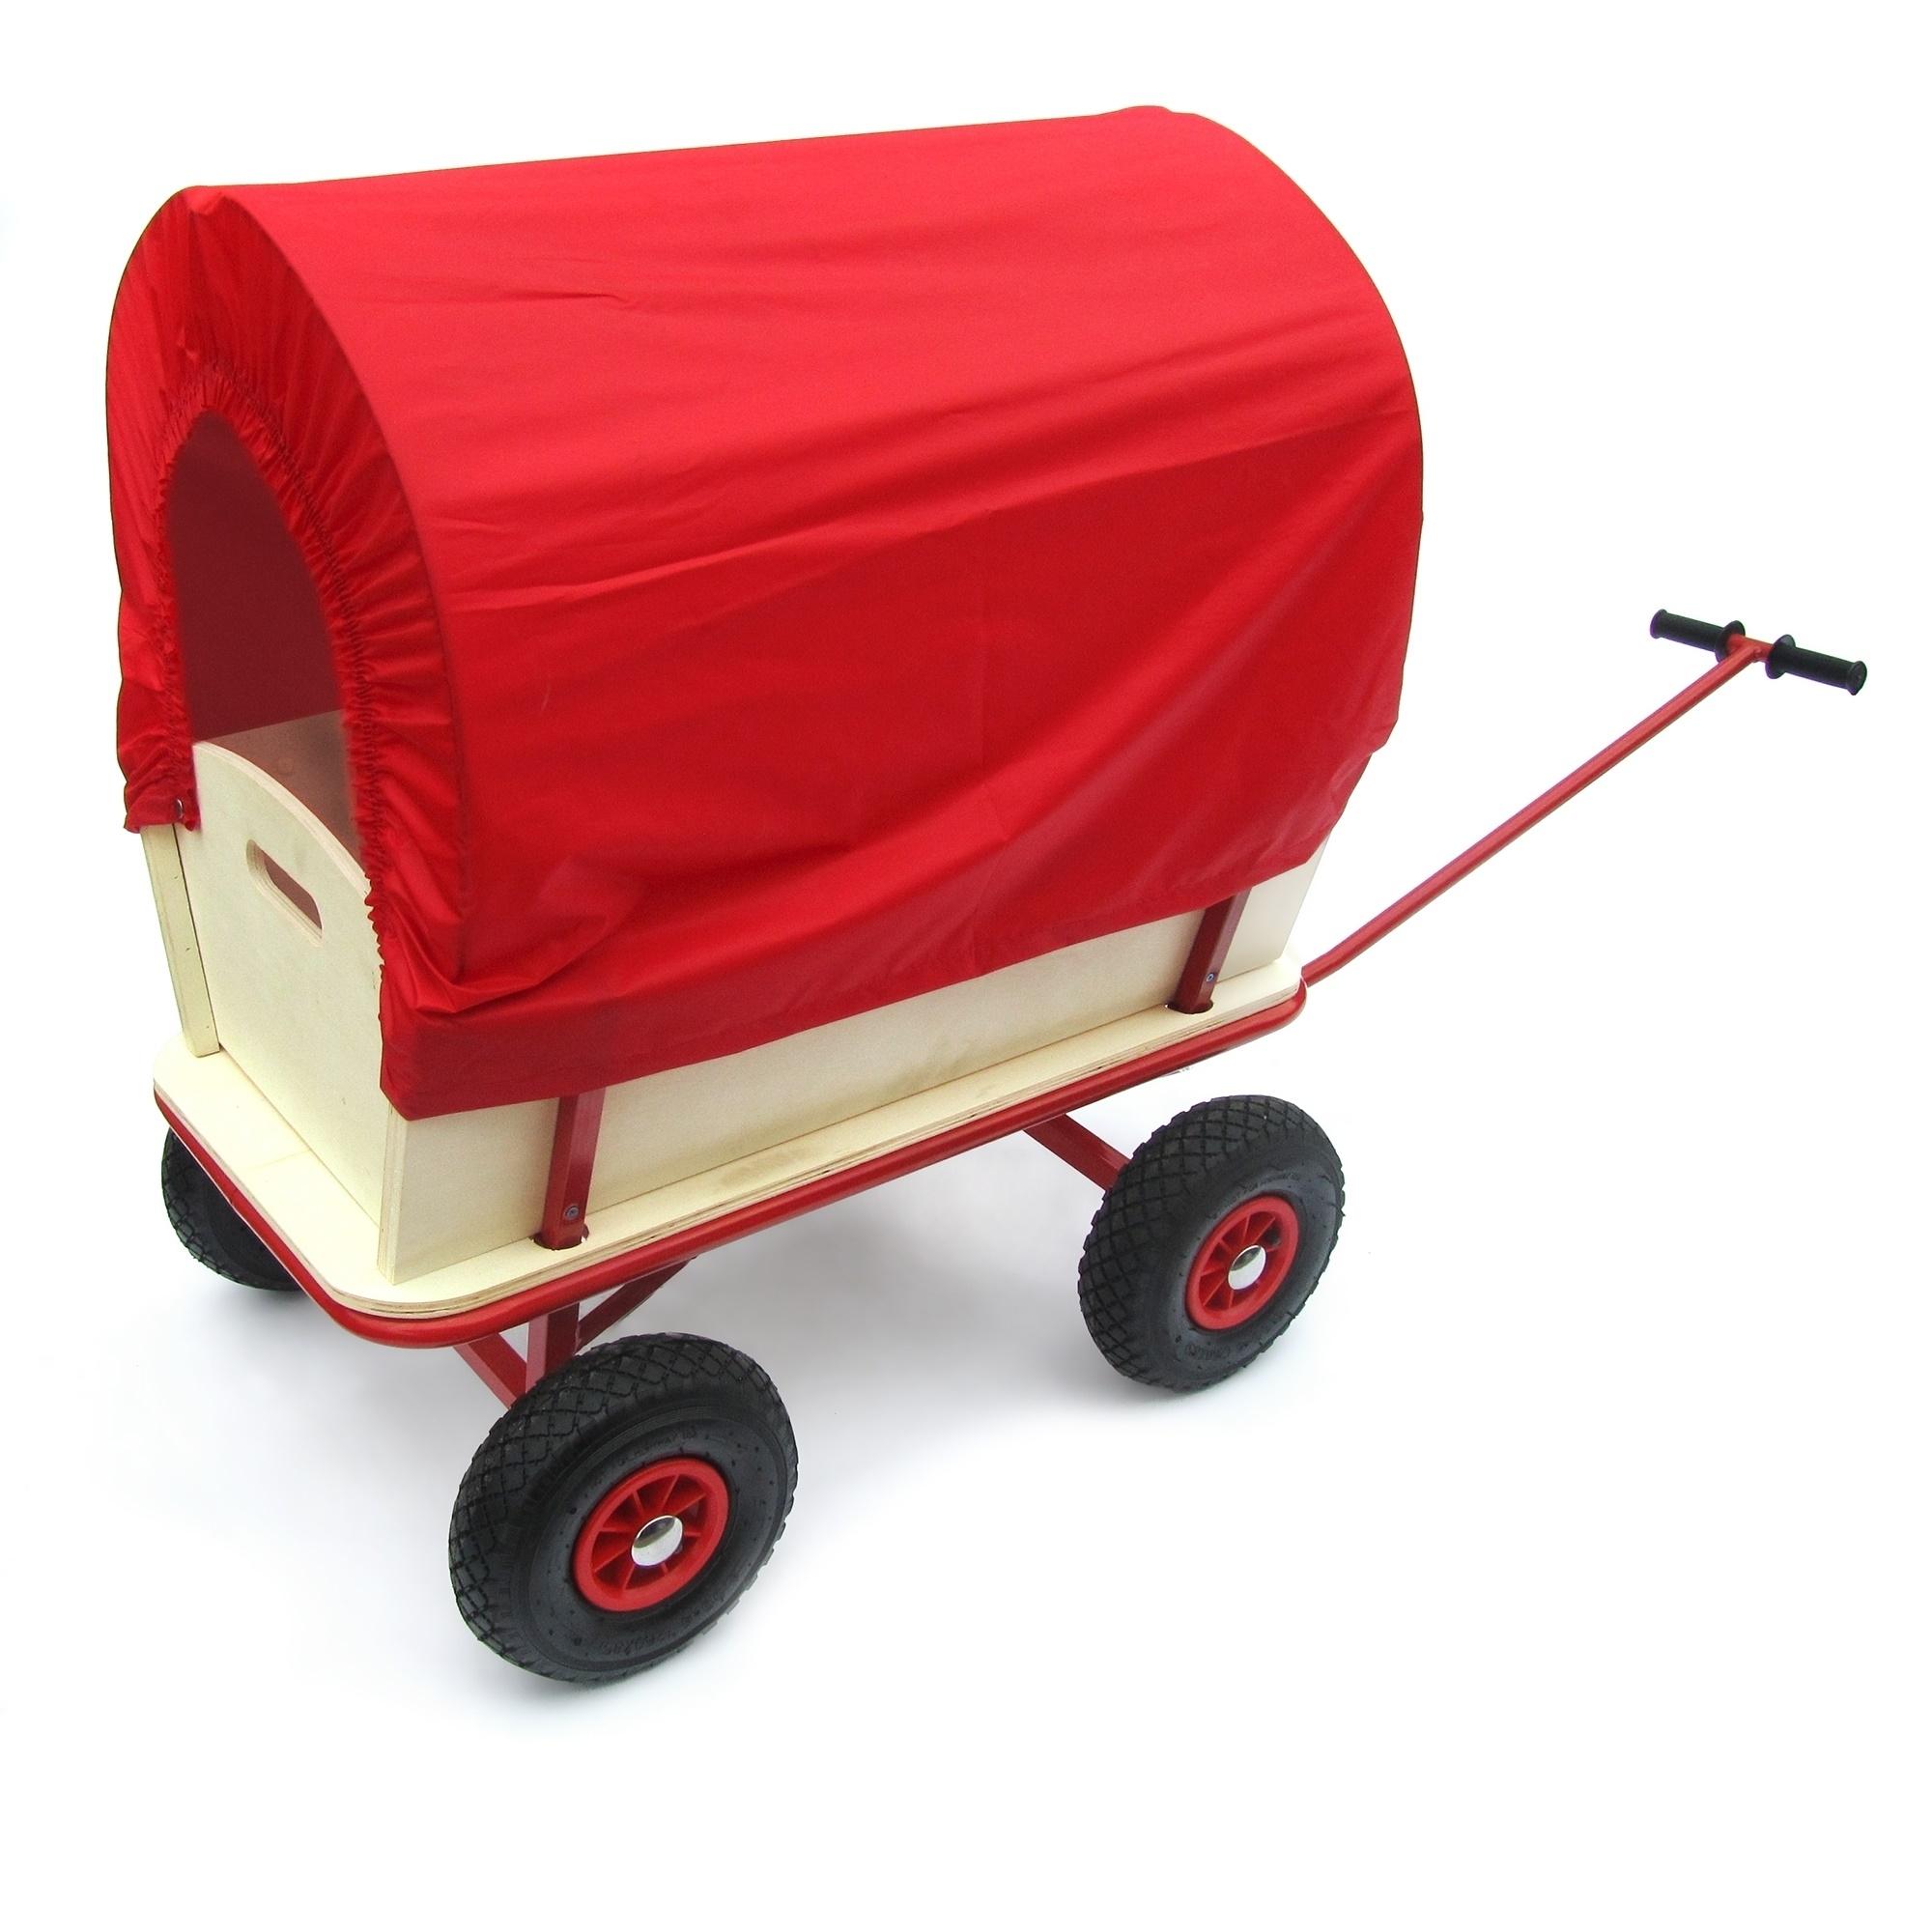 bollerwagen aus holz pinolino bollerwagen aus holz mit. Black Bedroom Furniture Sets. Home Design Ideas